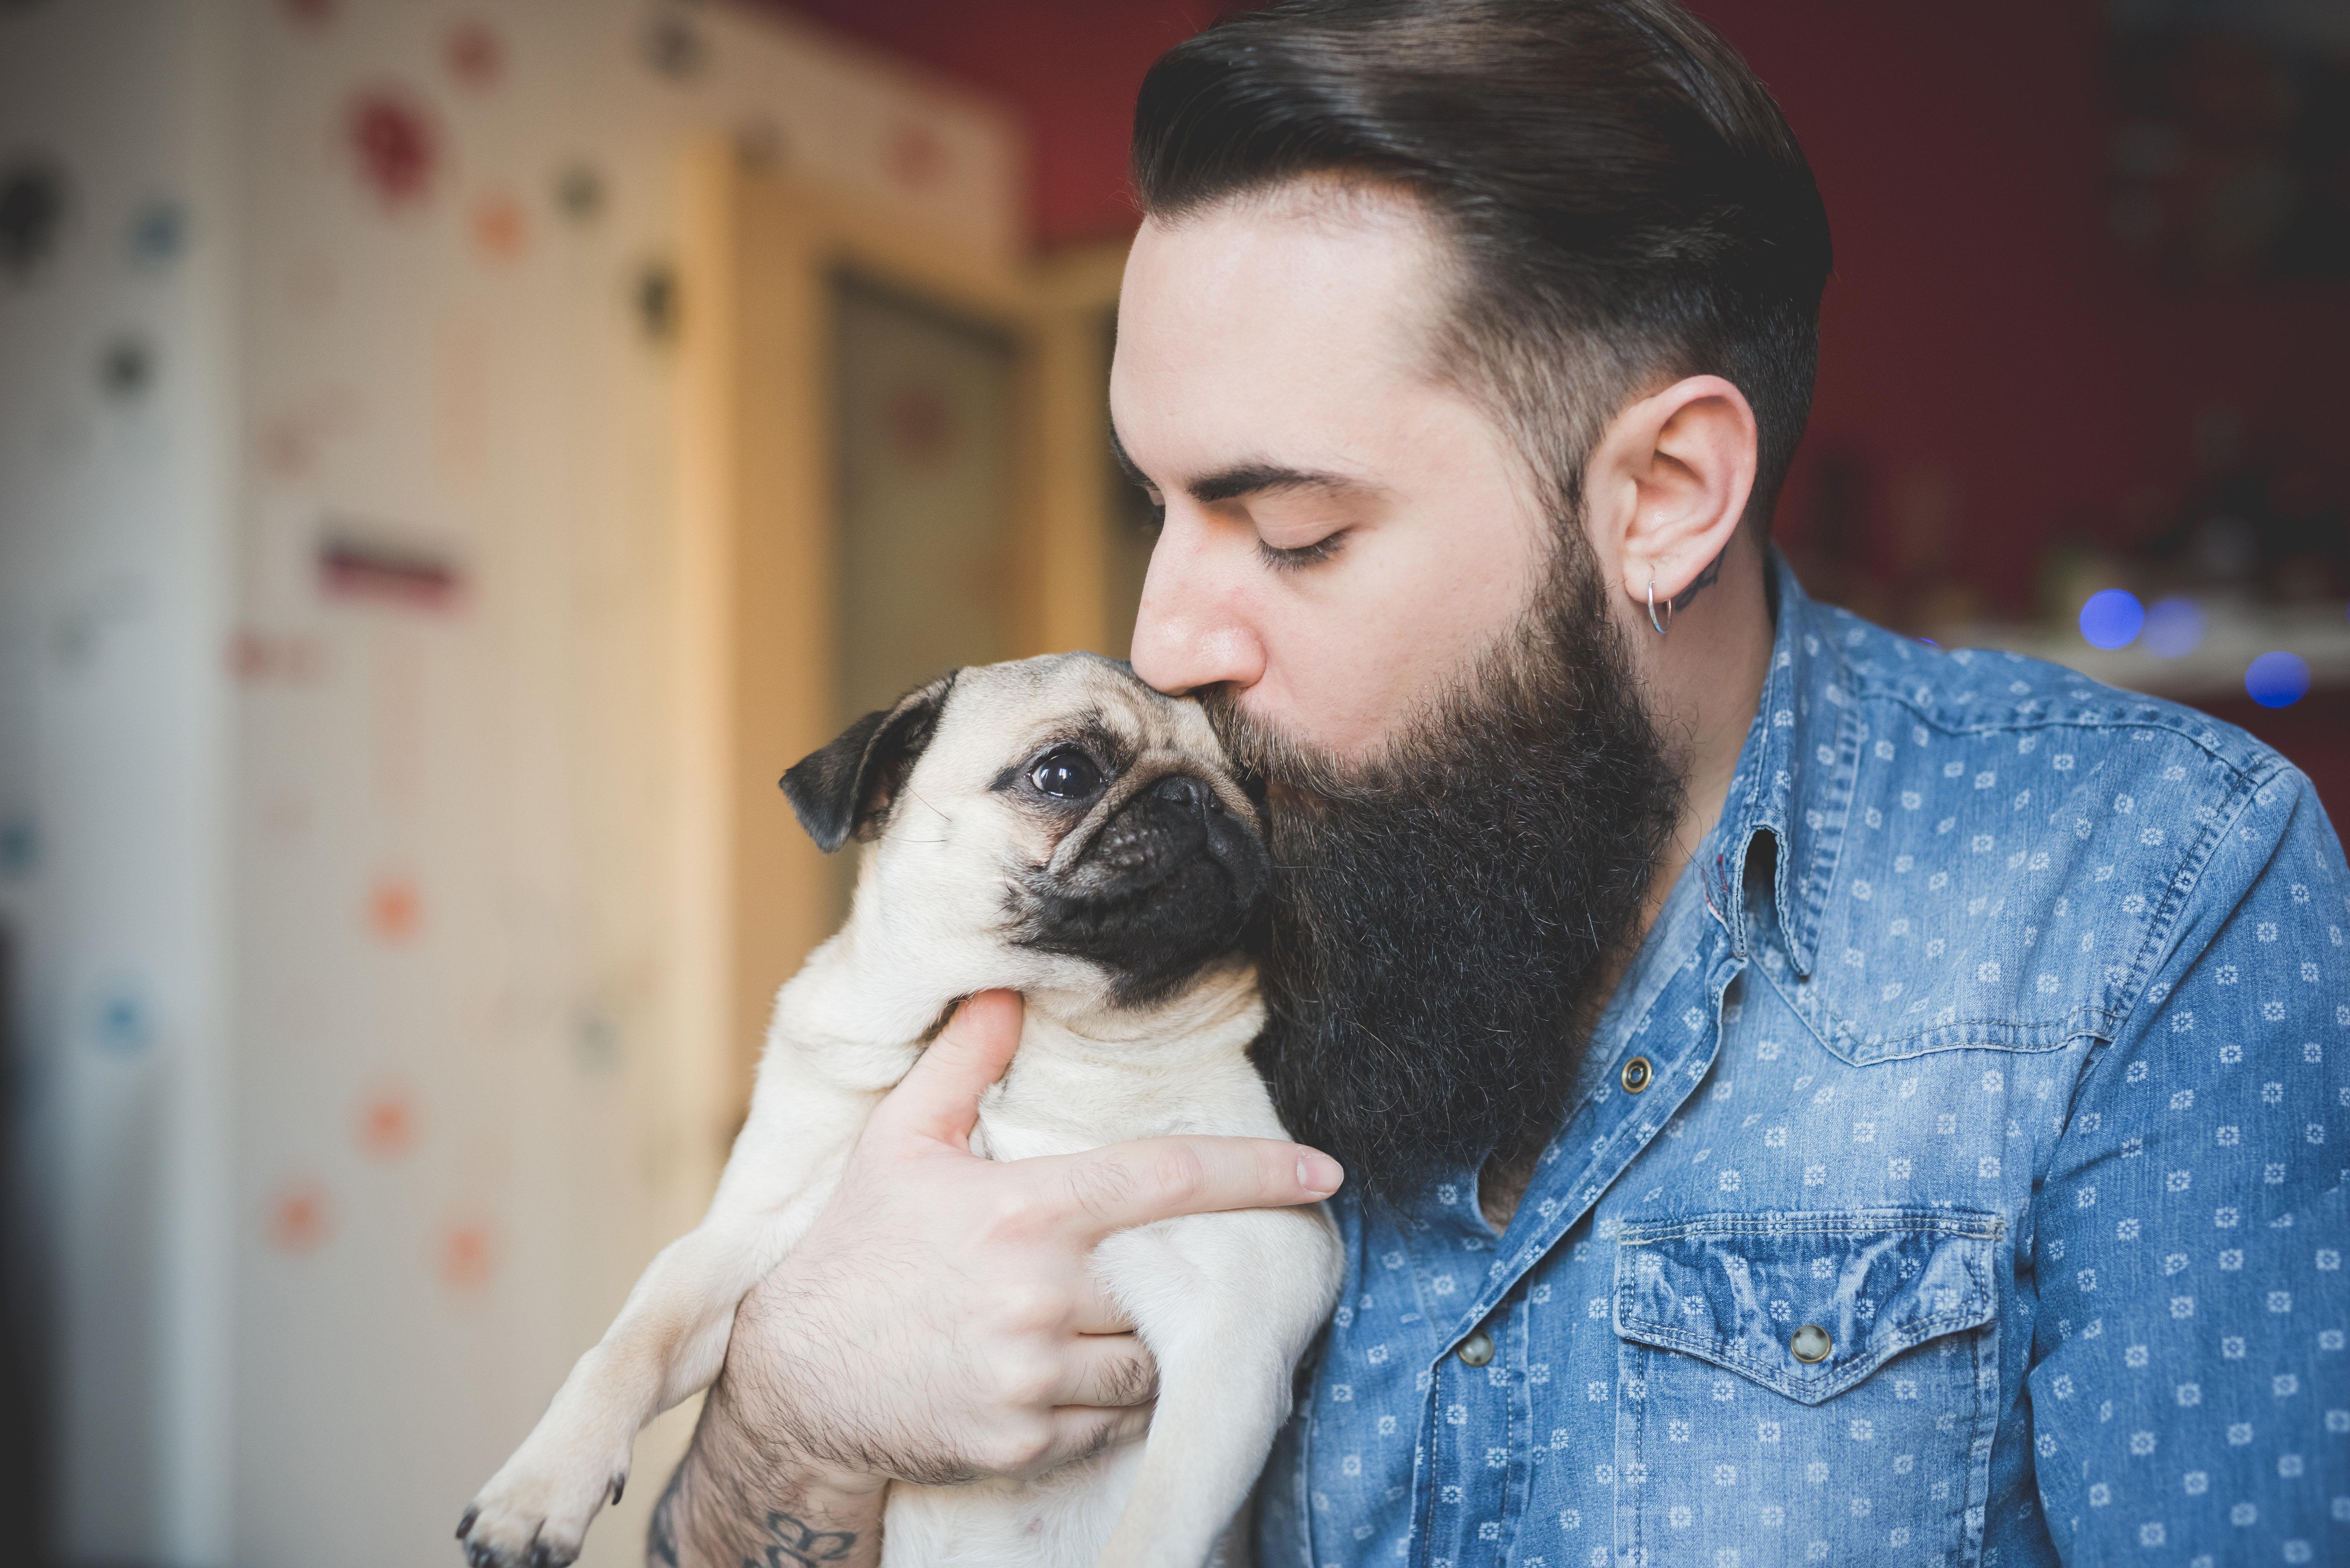 男性のヒゲは犬よりも細菌が多い(研究結果)